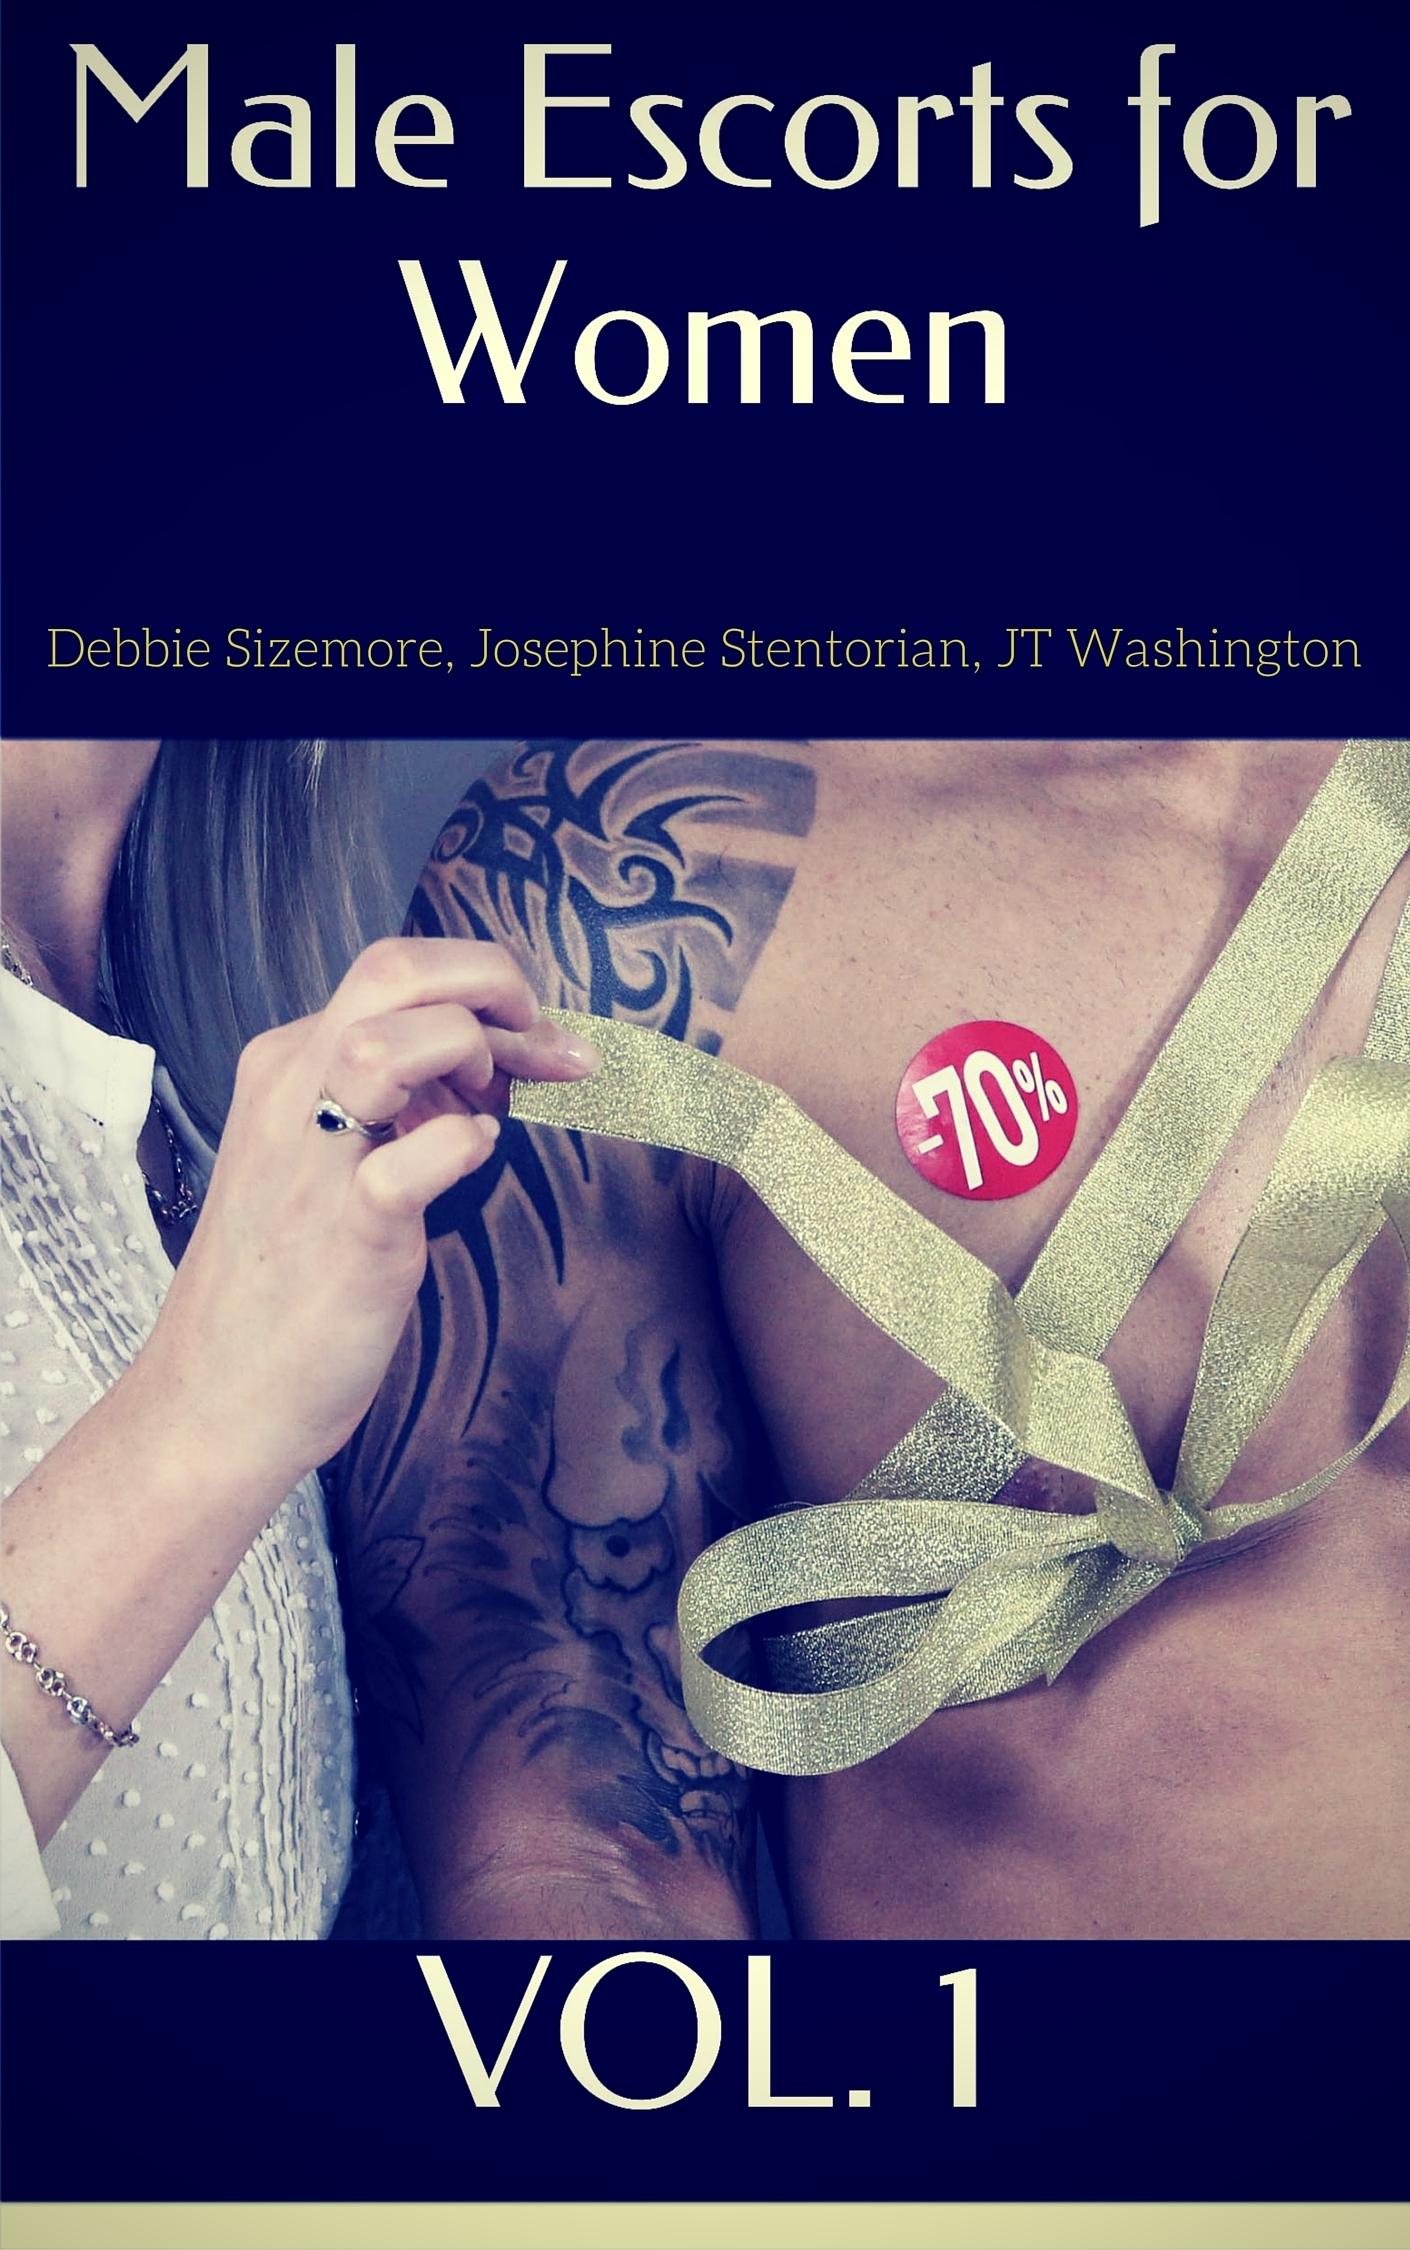 Male Escorts for Women, Vol. 1 Debbie Sizemore